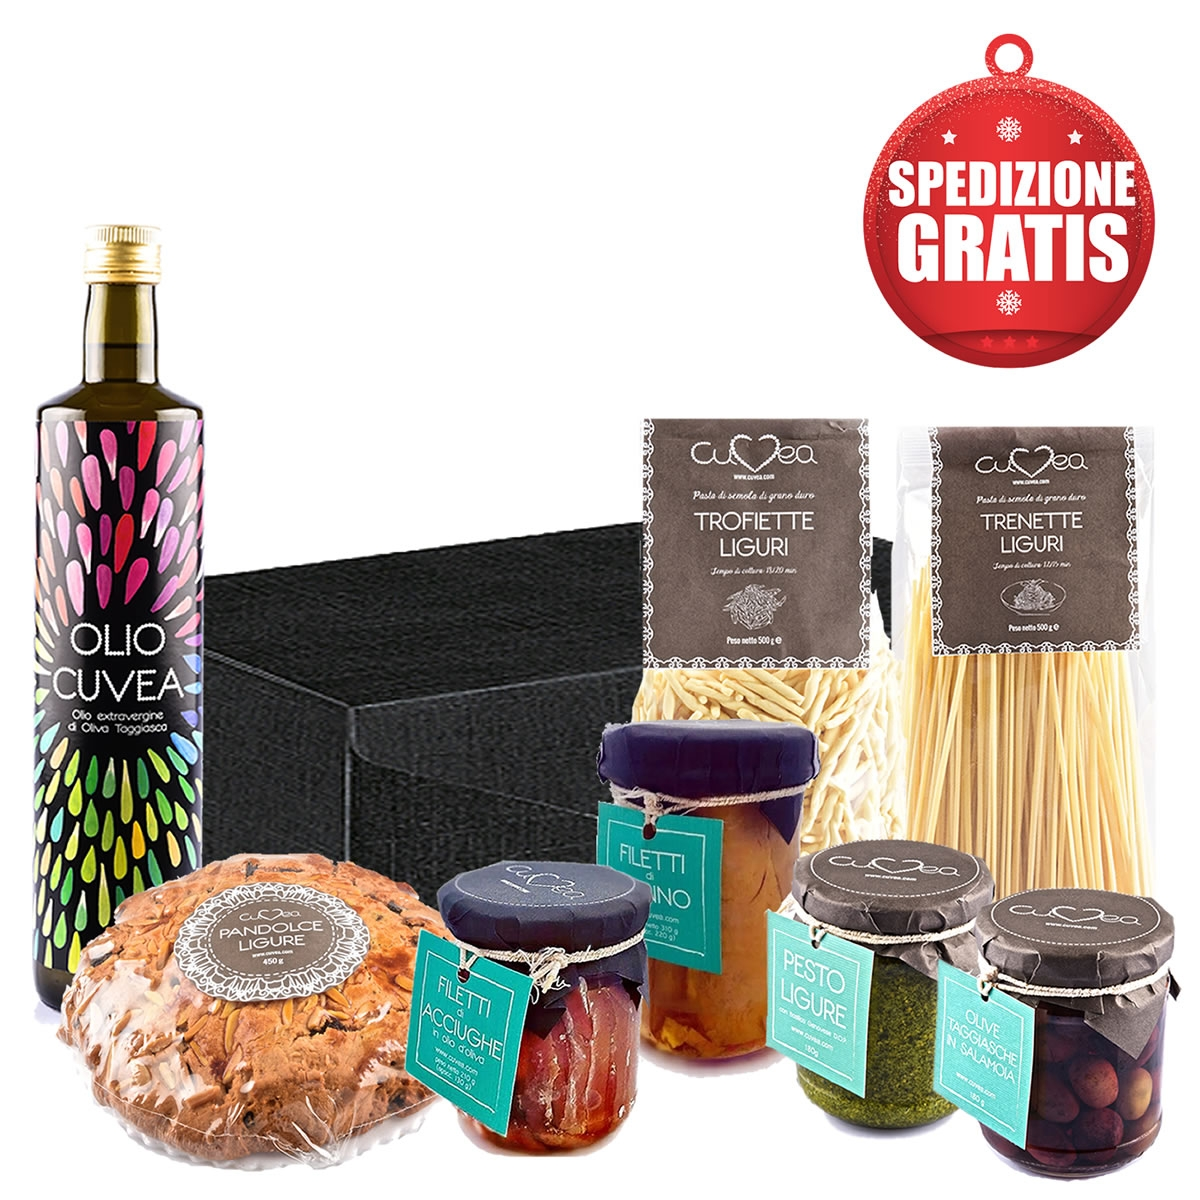 Cesto regalo prodotti tipici liguri e acciughe